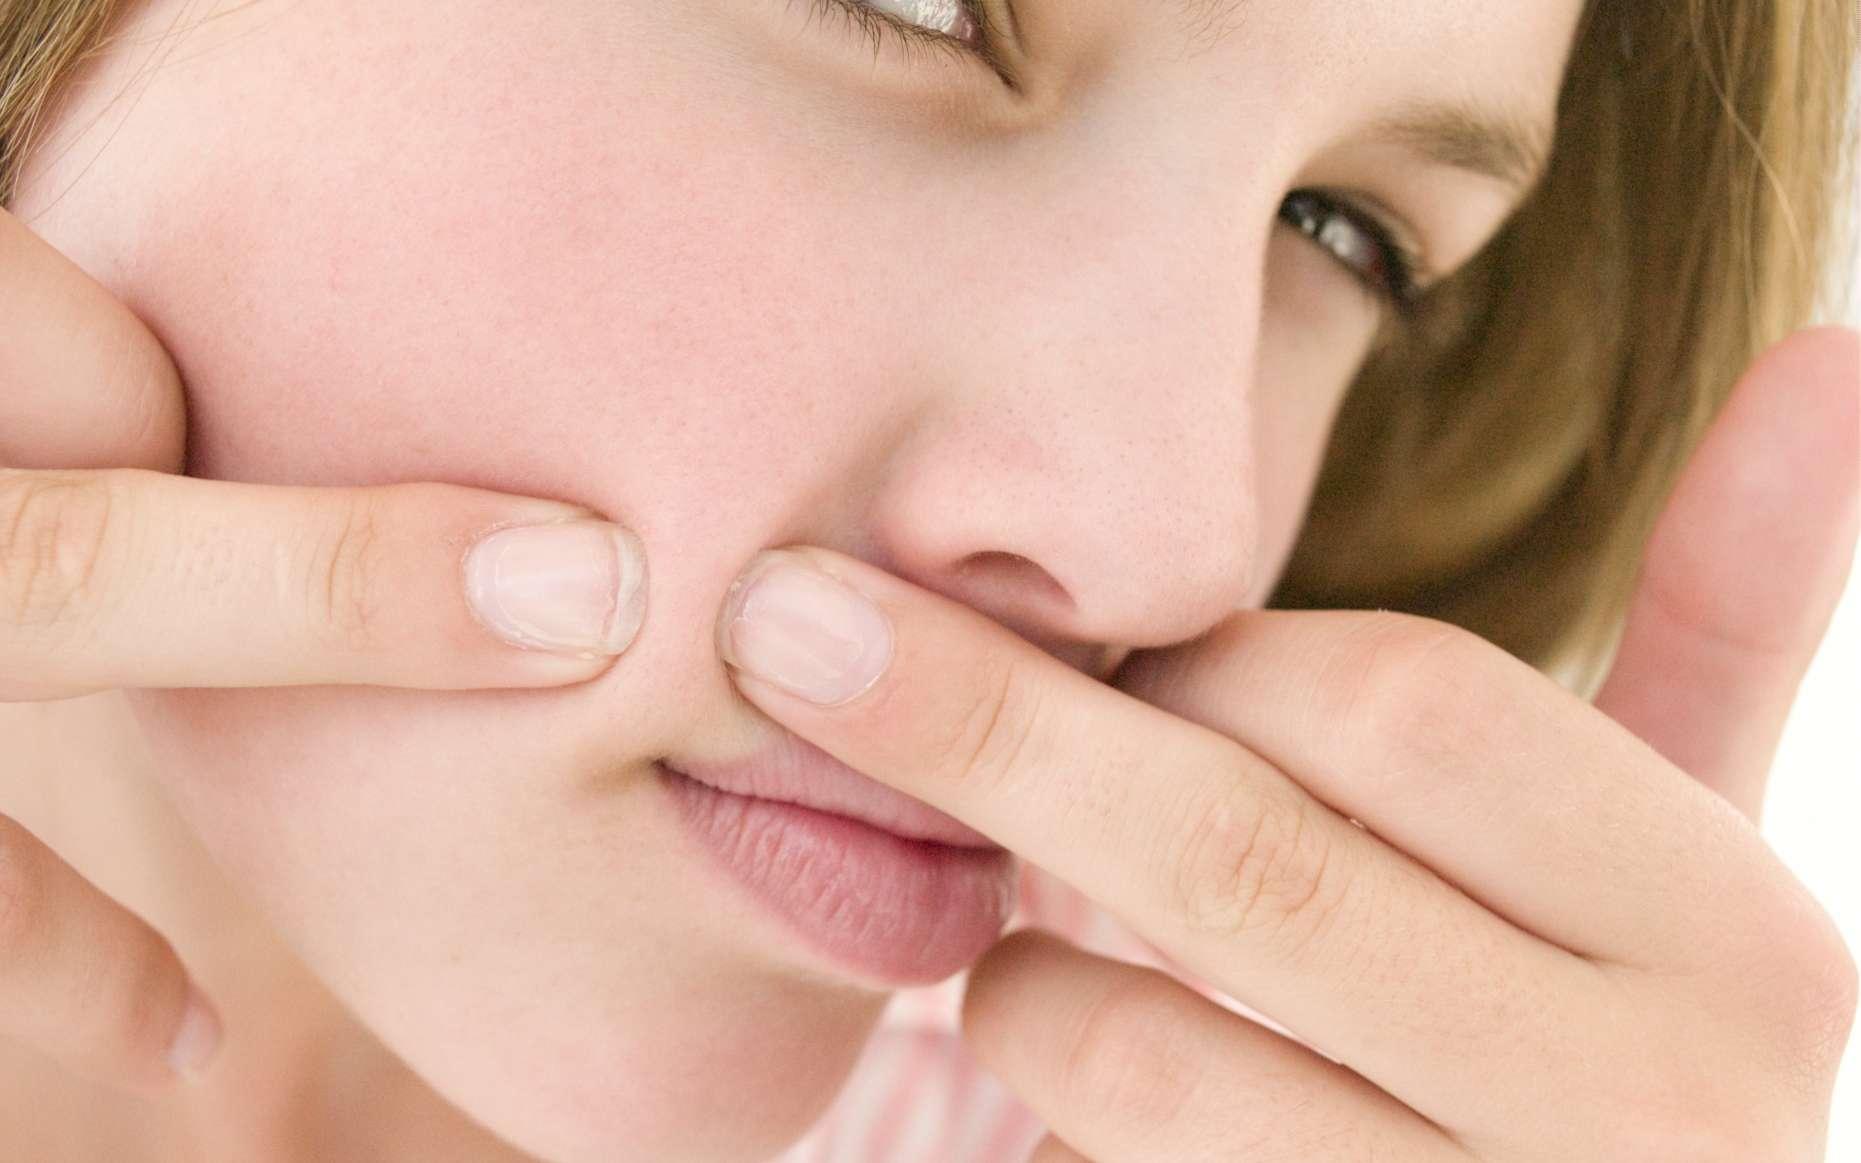 Les antiacnéiques permettent de réduire les manifestations de l'acné. © Phovoir